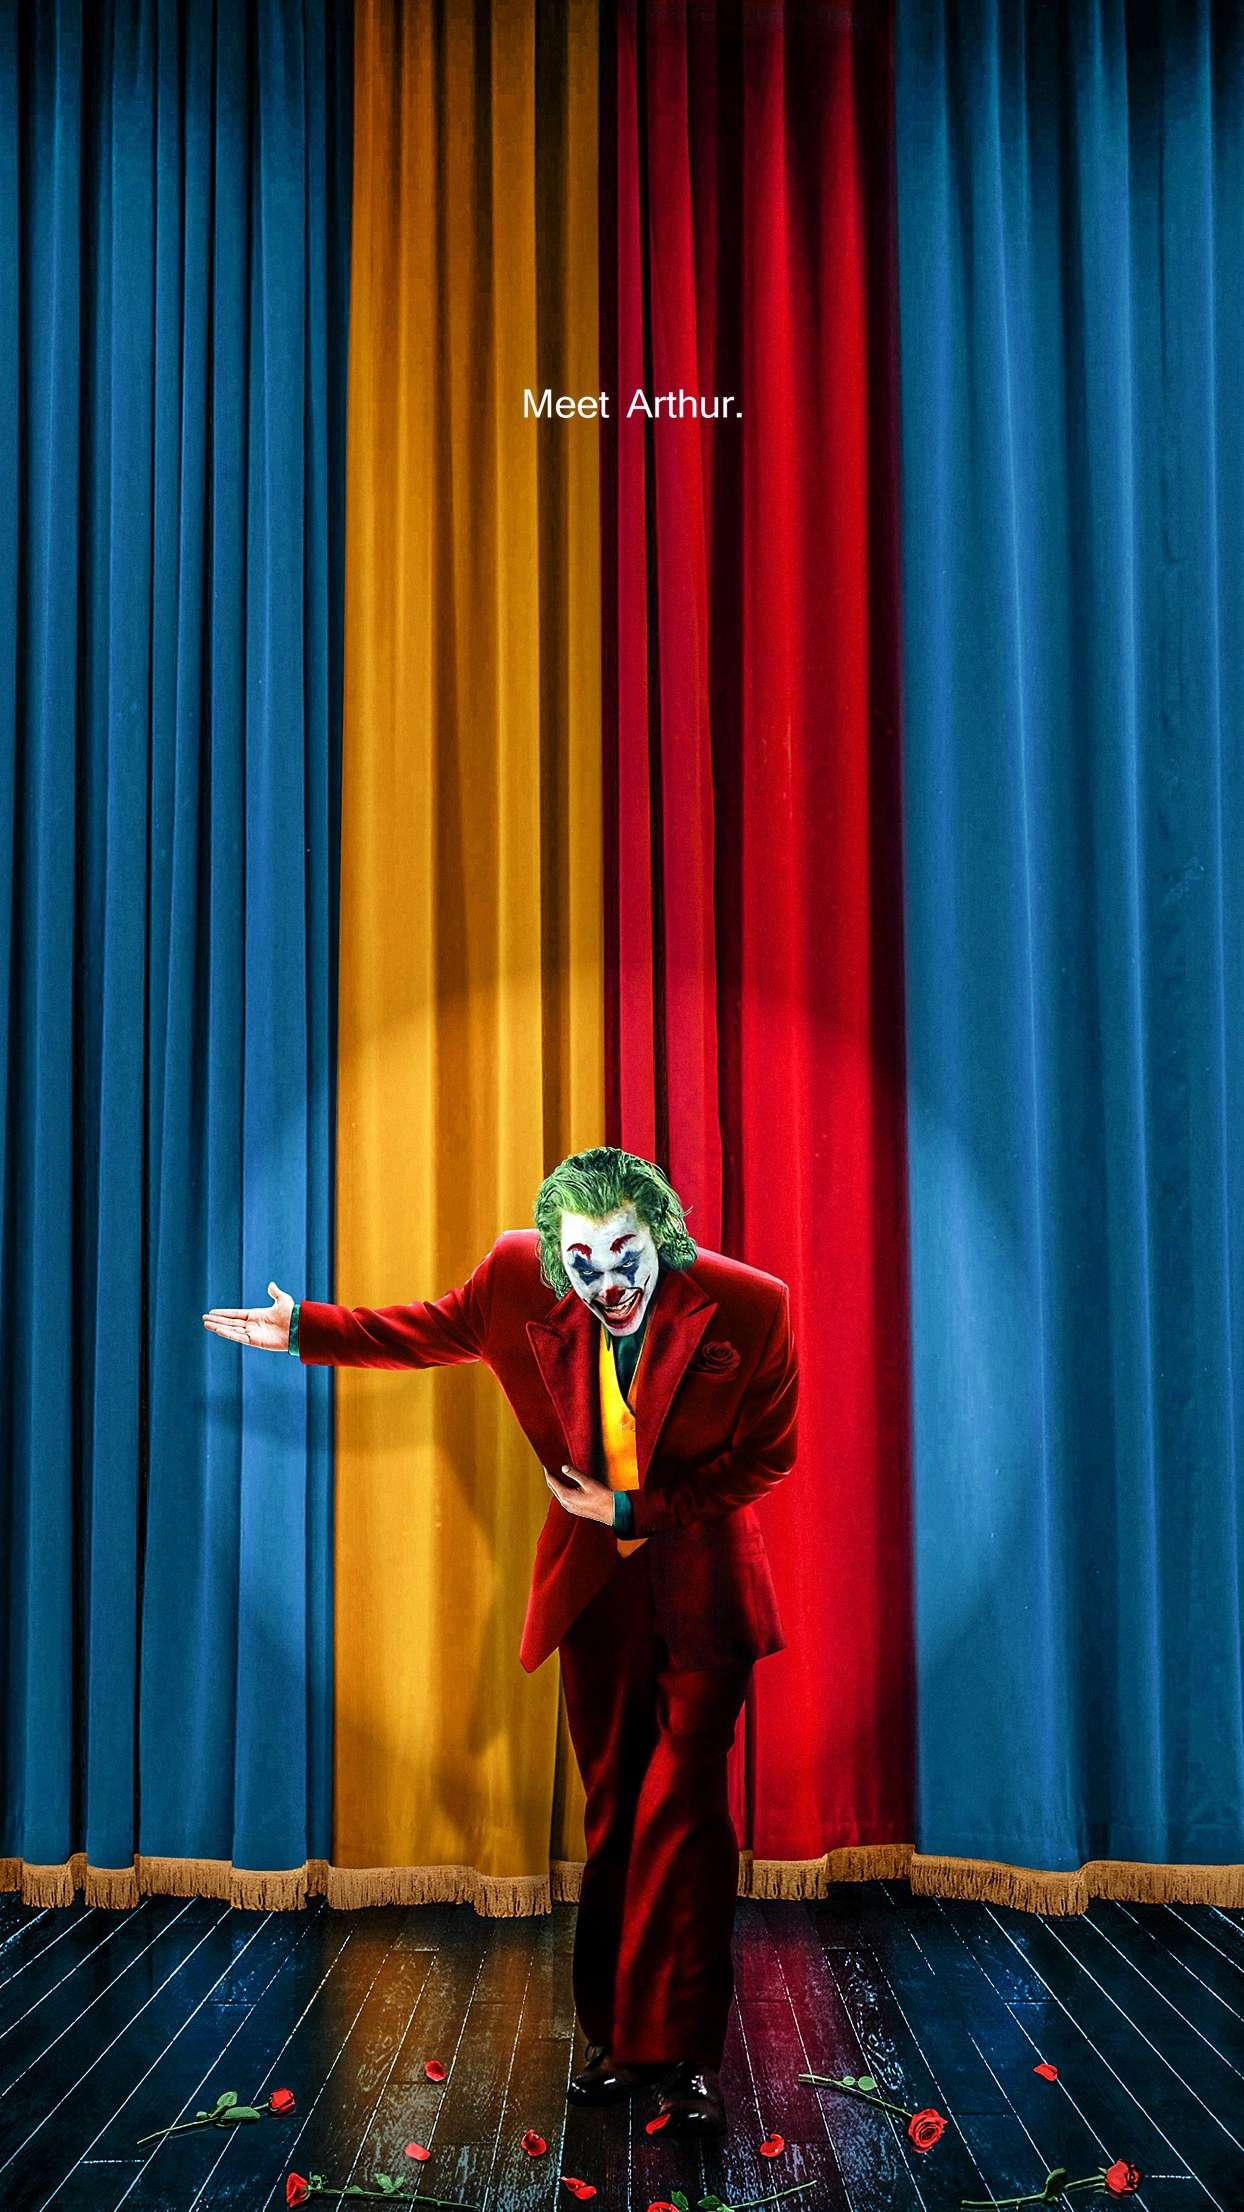 Meet Arthur The Joker iPhone Wallpaper